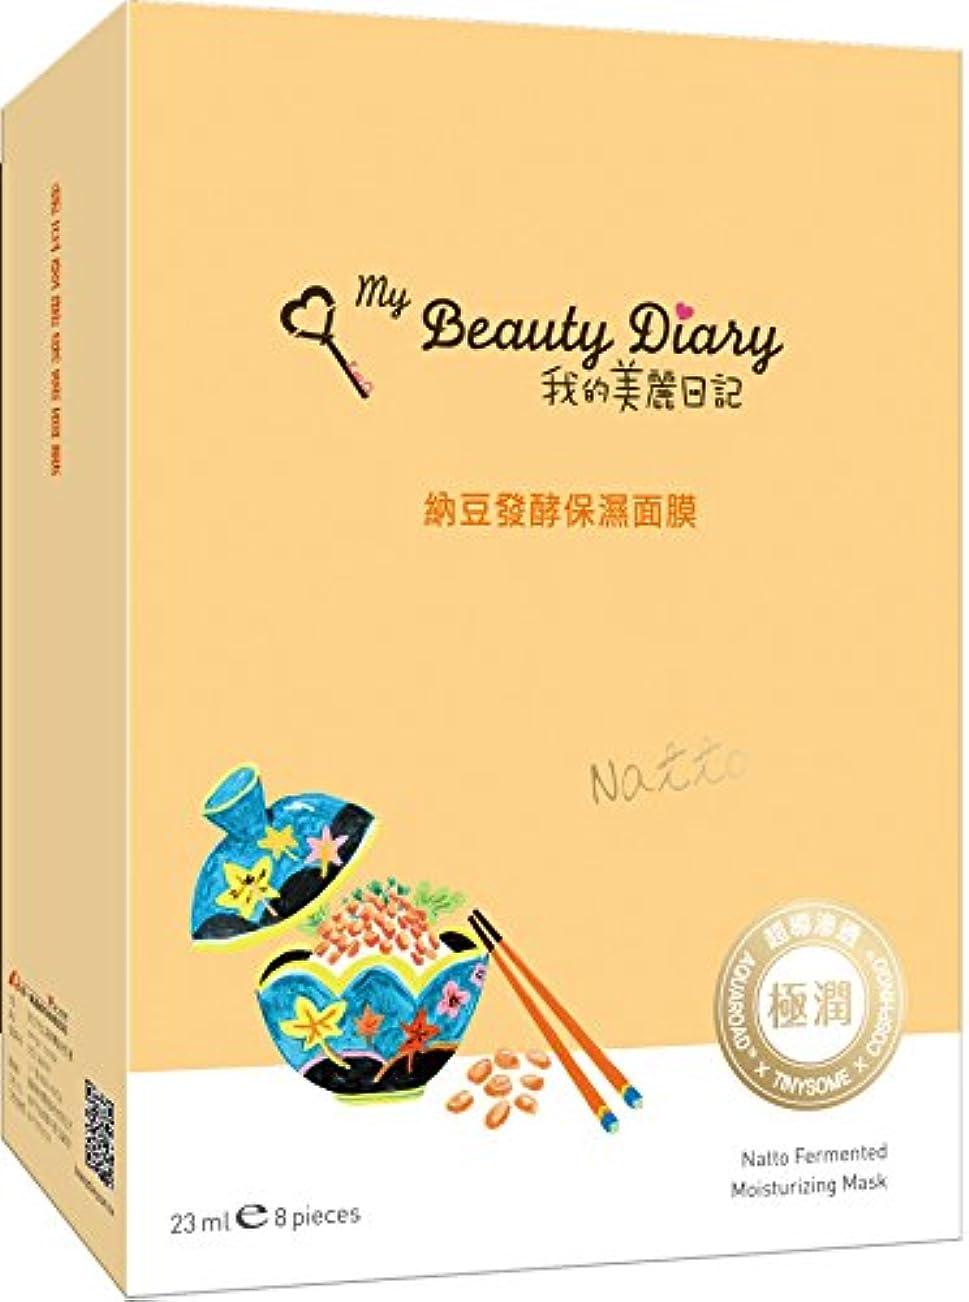 ランプスチールお客様《我的美麗日記》 私のきれい日記 納豆マスク 8枚入り 《台湾 お土産》 [並行輸入品]